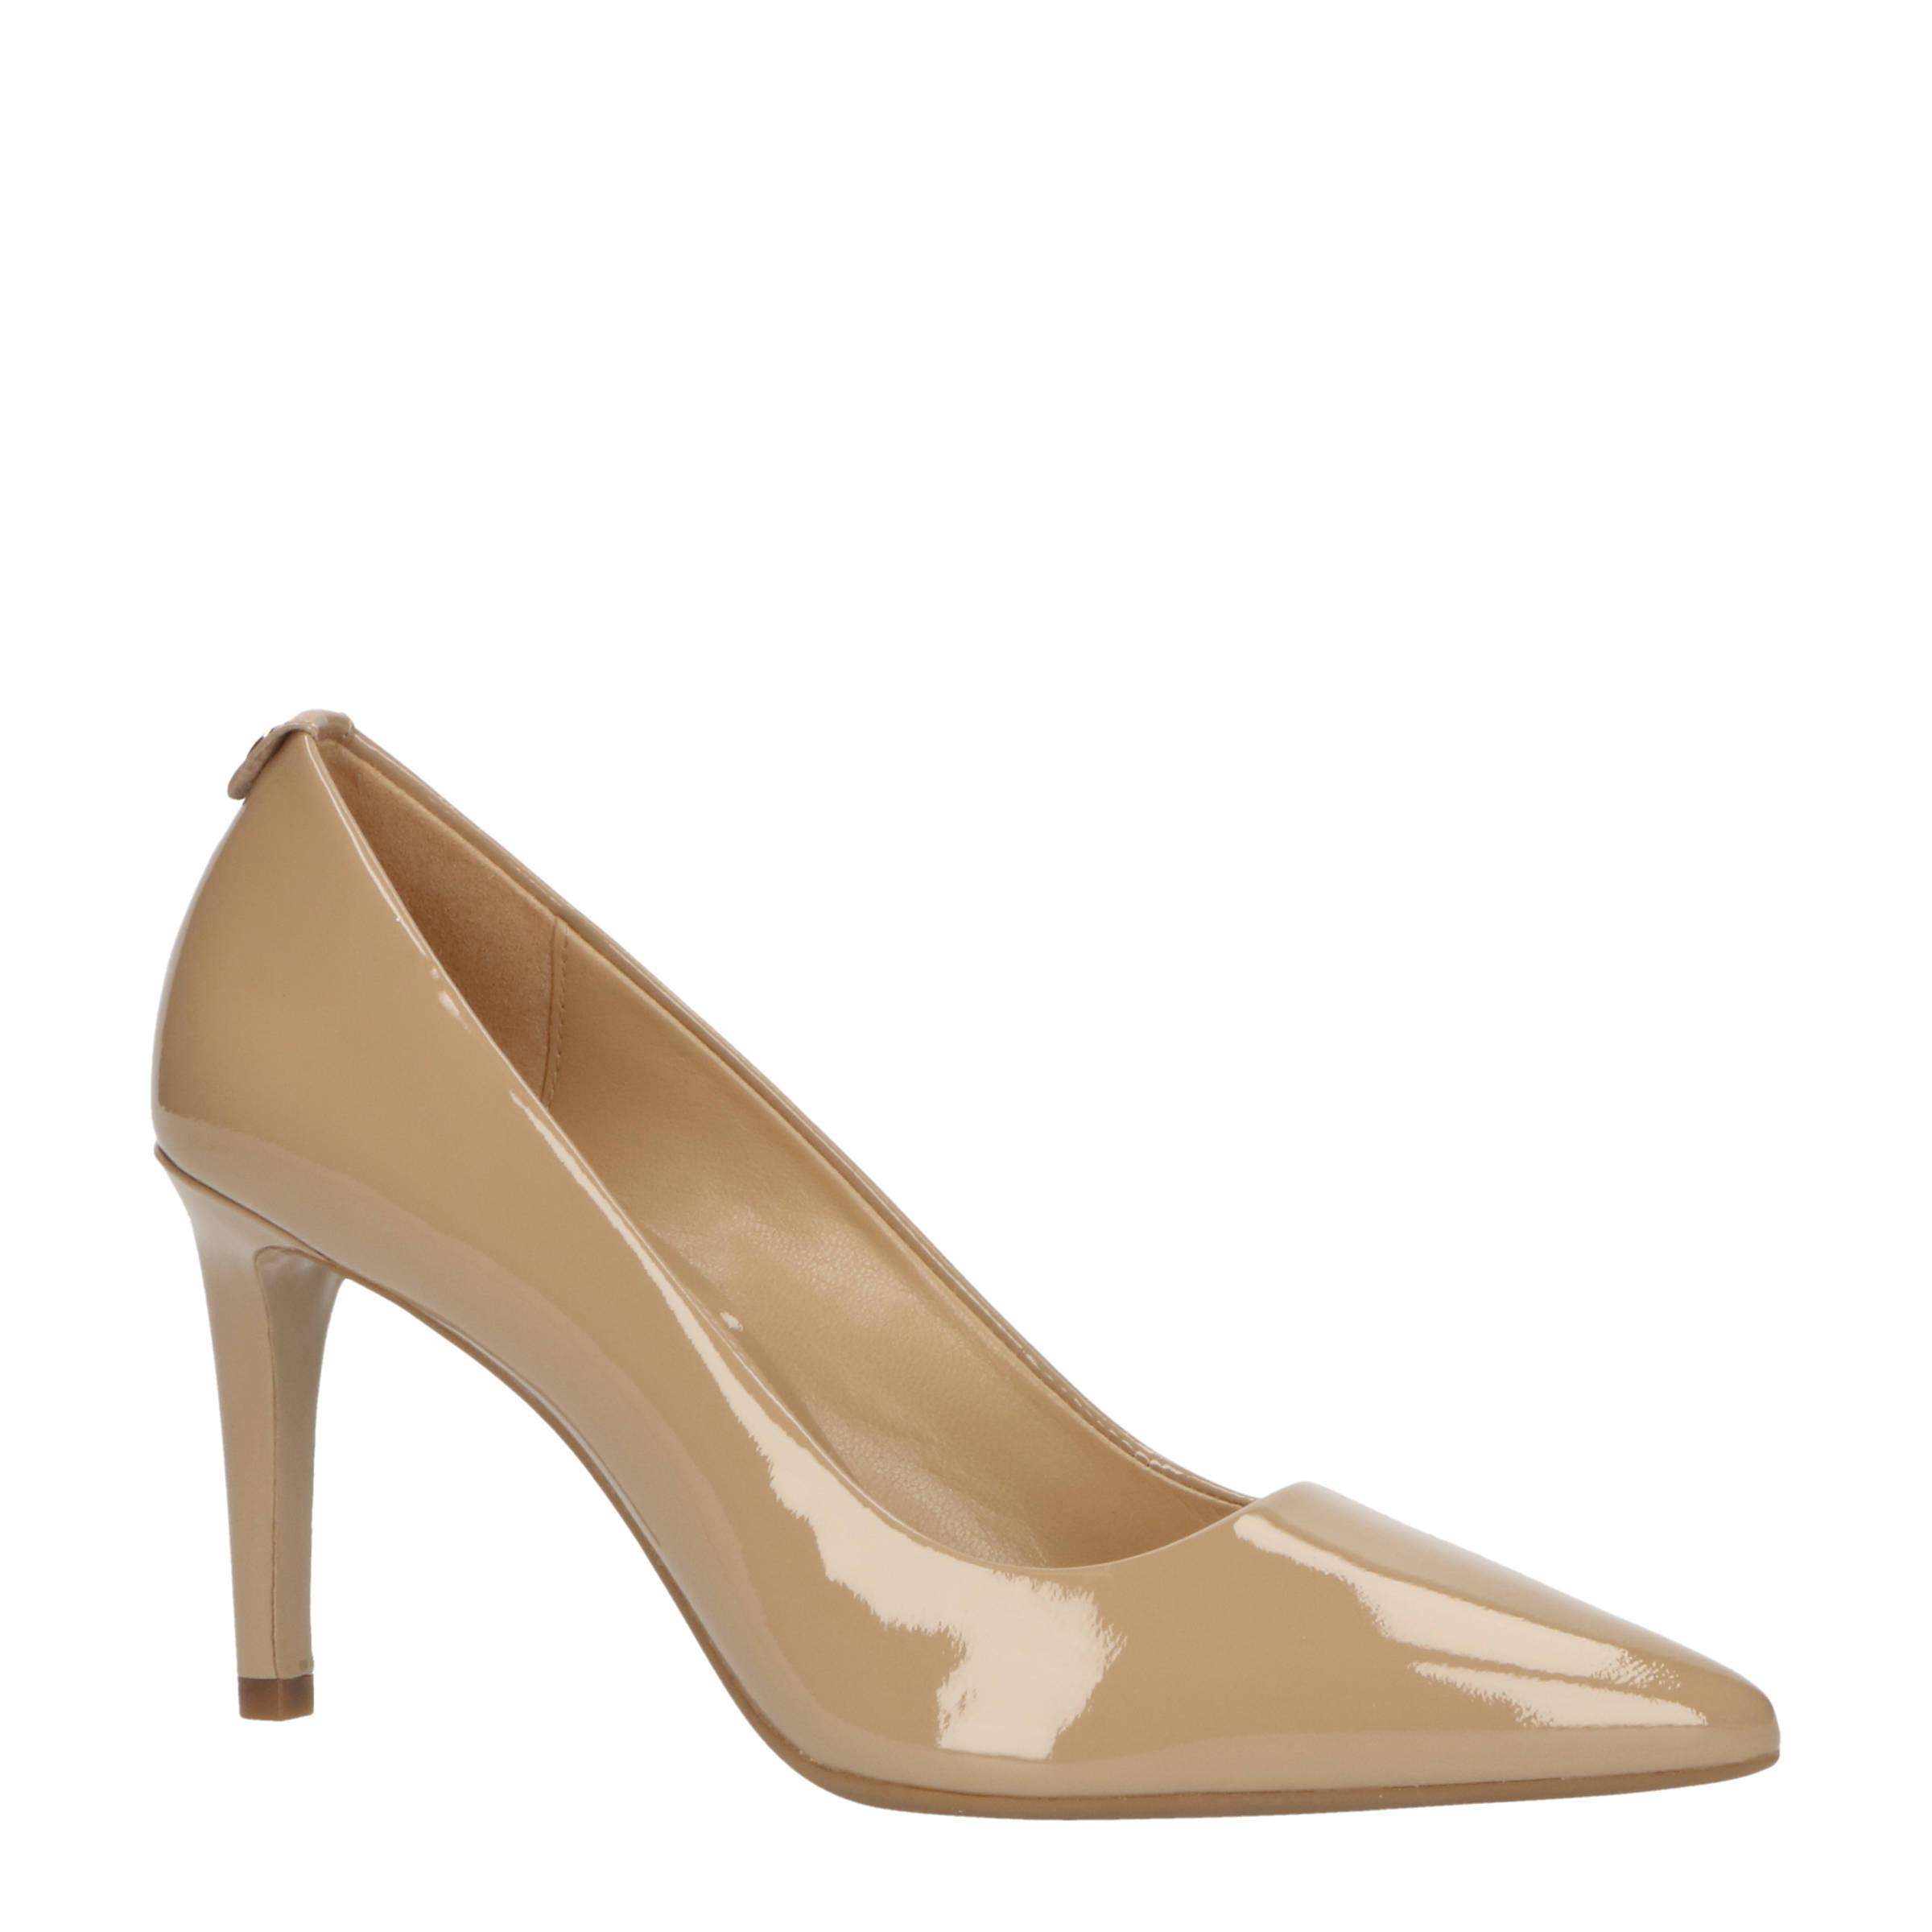 Michael Kors women's leather pumps court schoenen high heel dorothy online kopen